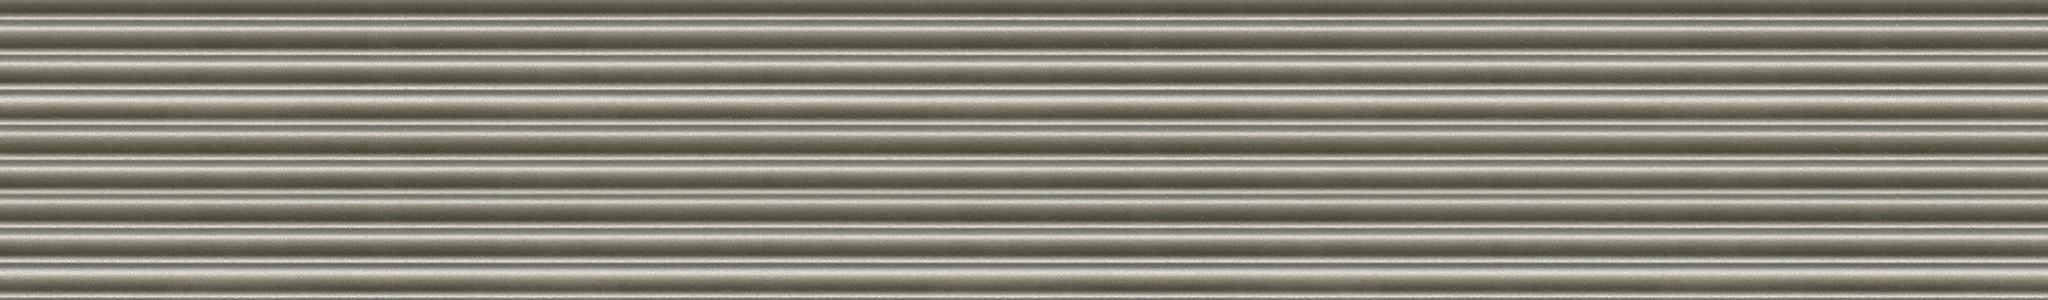 HD 29276 Acryl 3D Edge Steel Wave